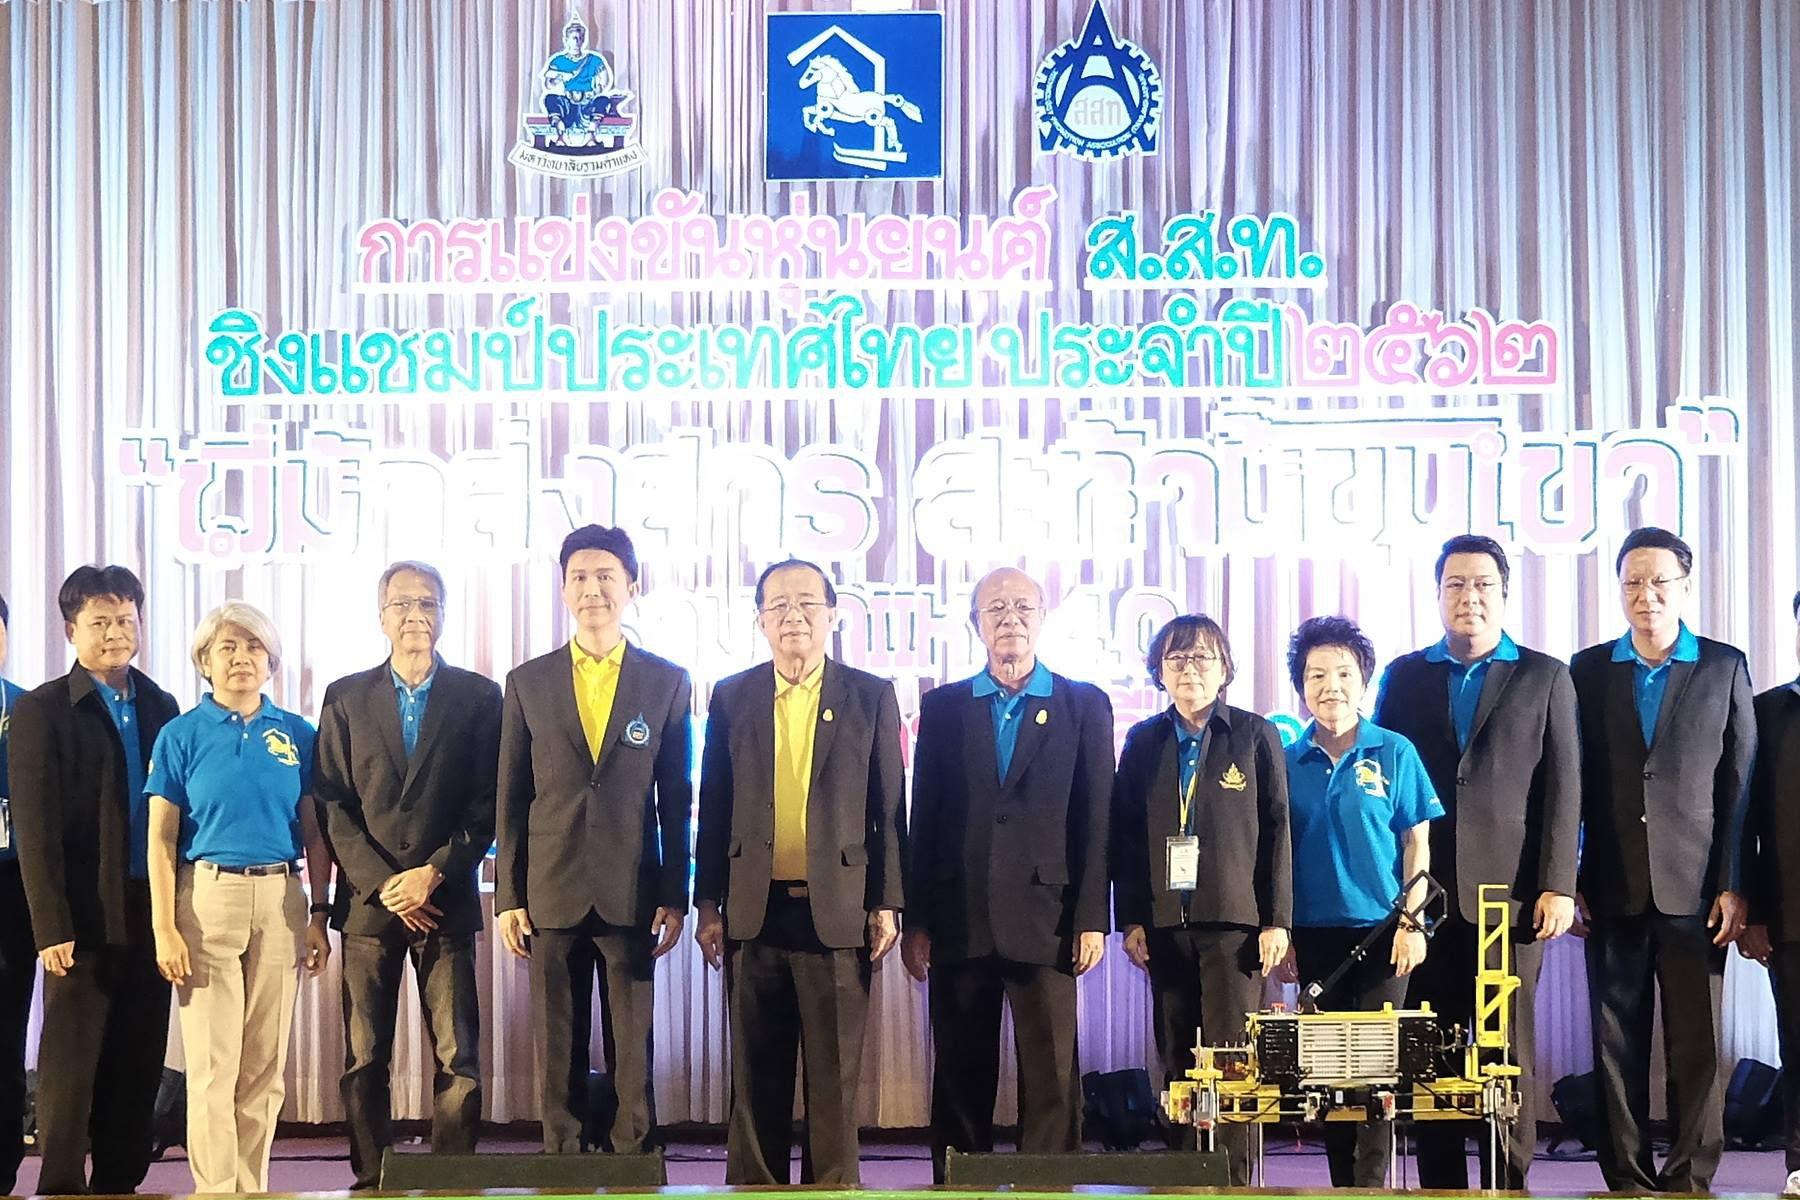 ม.รามฯ จับมือ ส.ส.ท. จัดแข่งขันหุ่นยนต์ชิงแชมป์ประเทศไทย